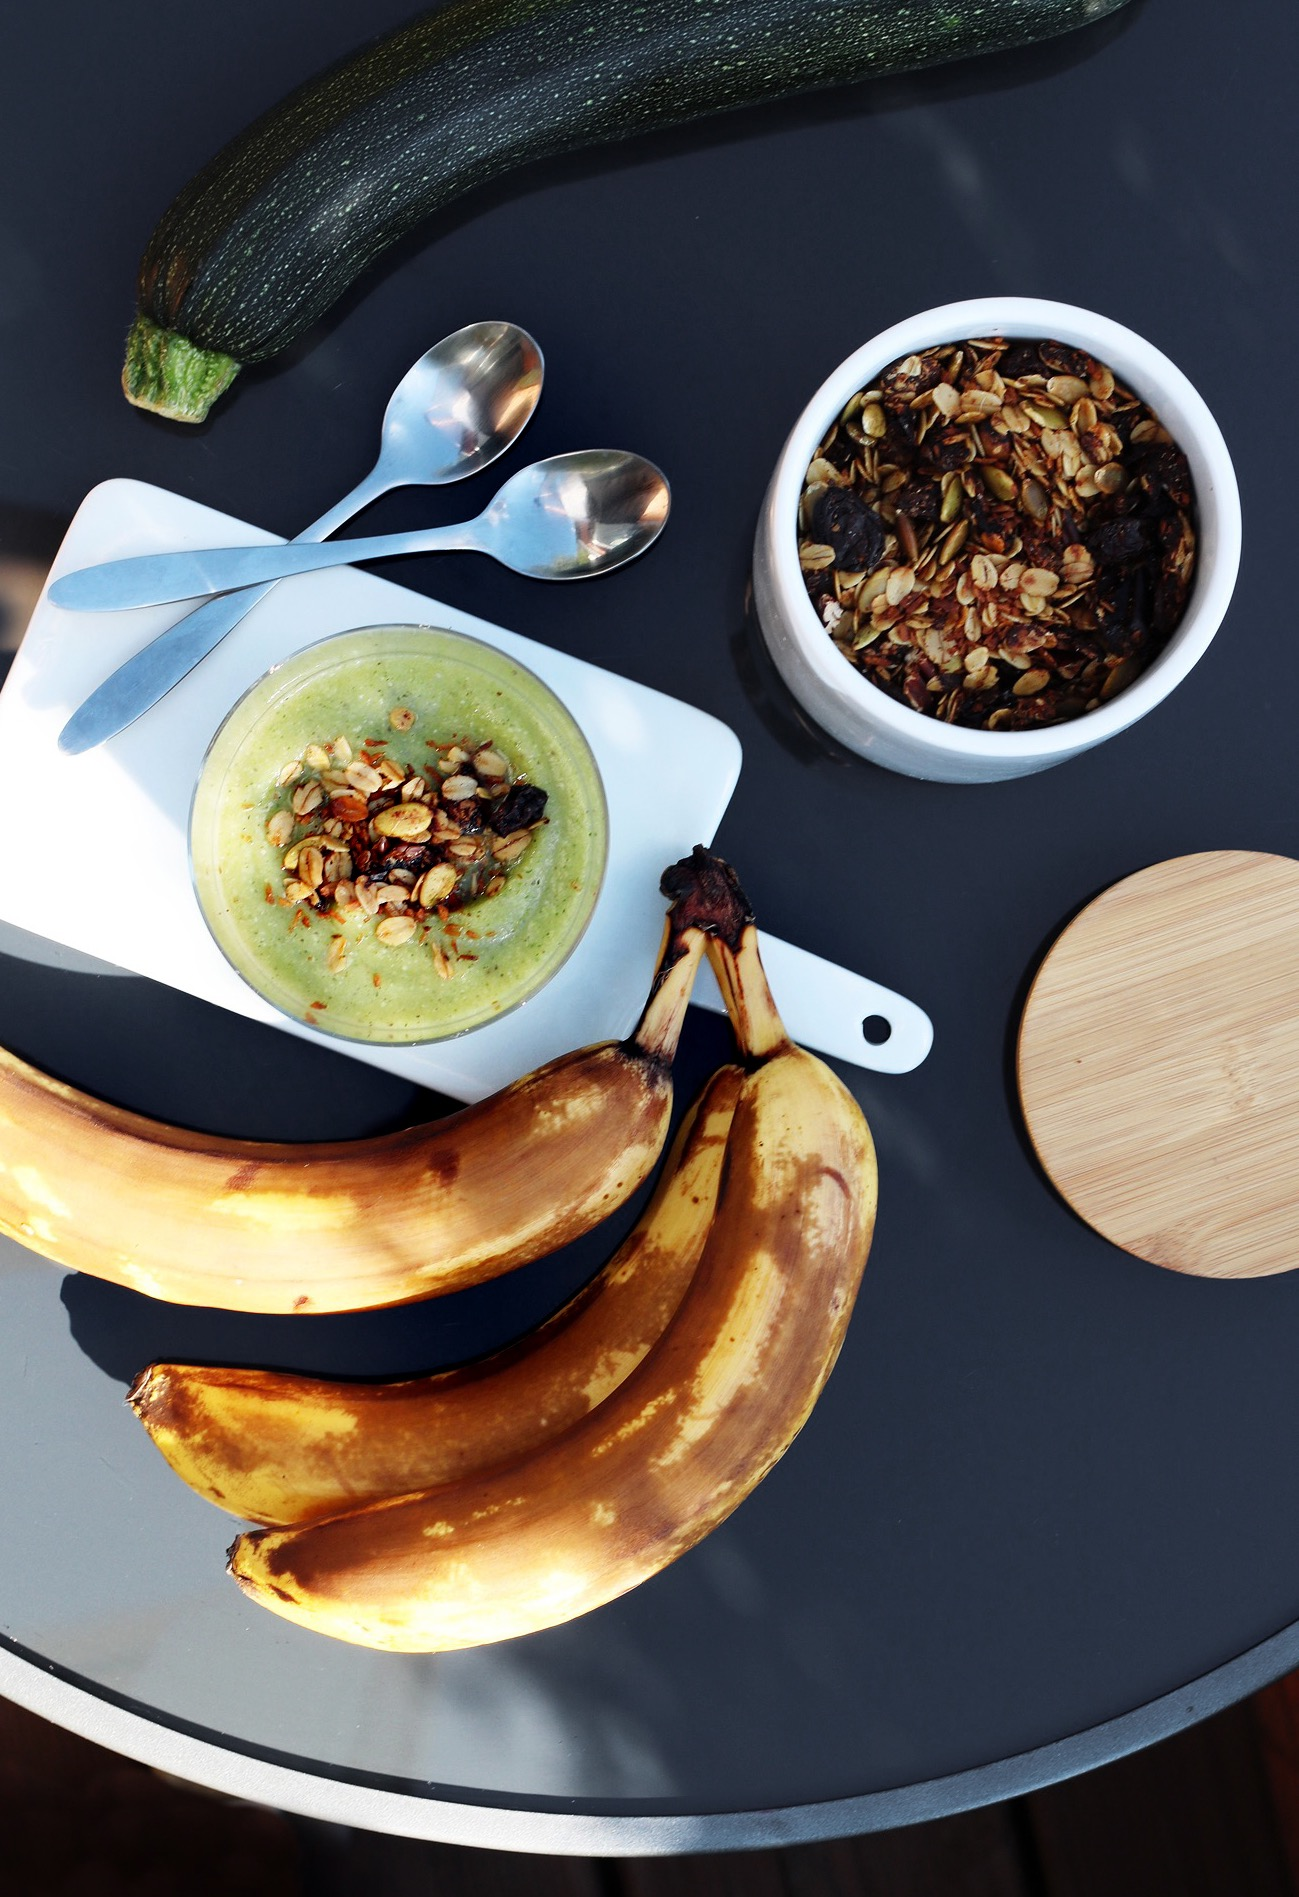 Cukini un banānu biezenis